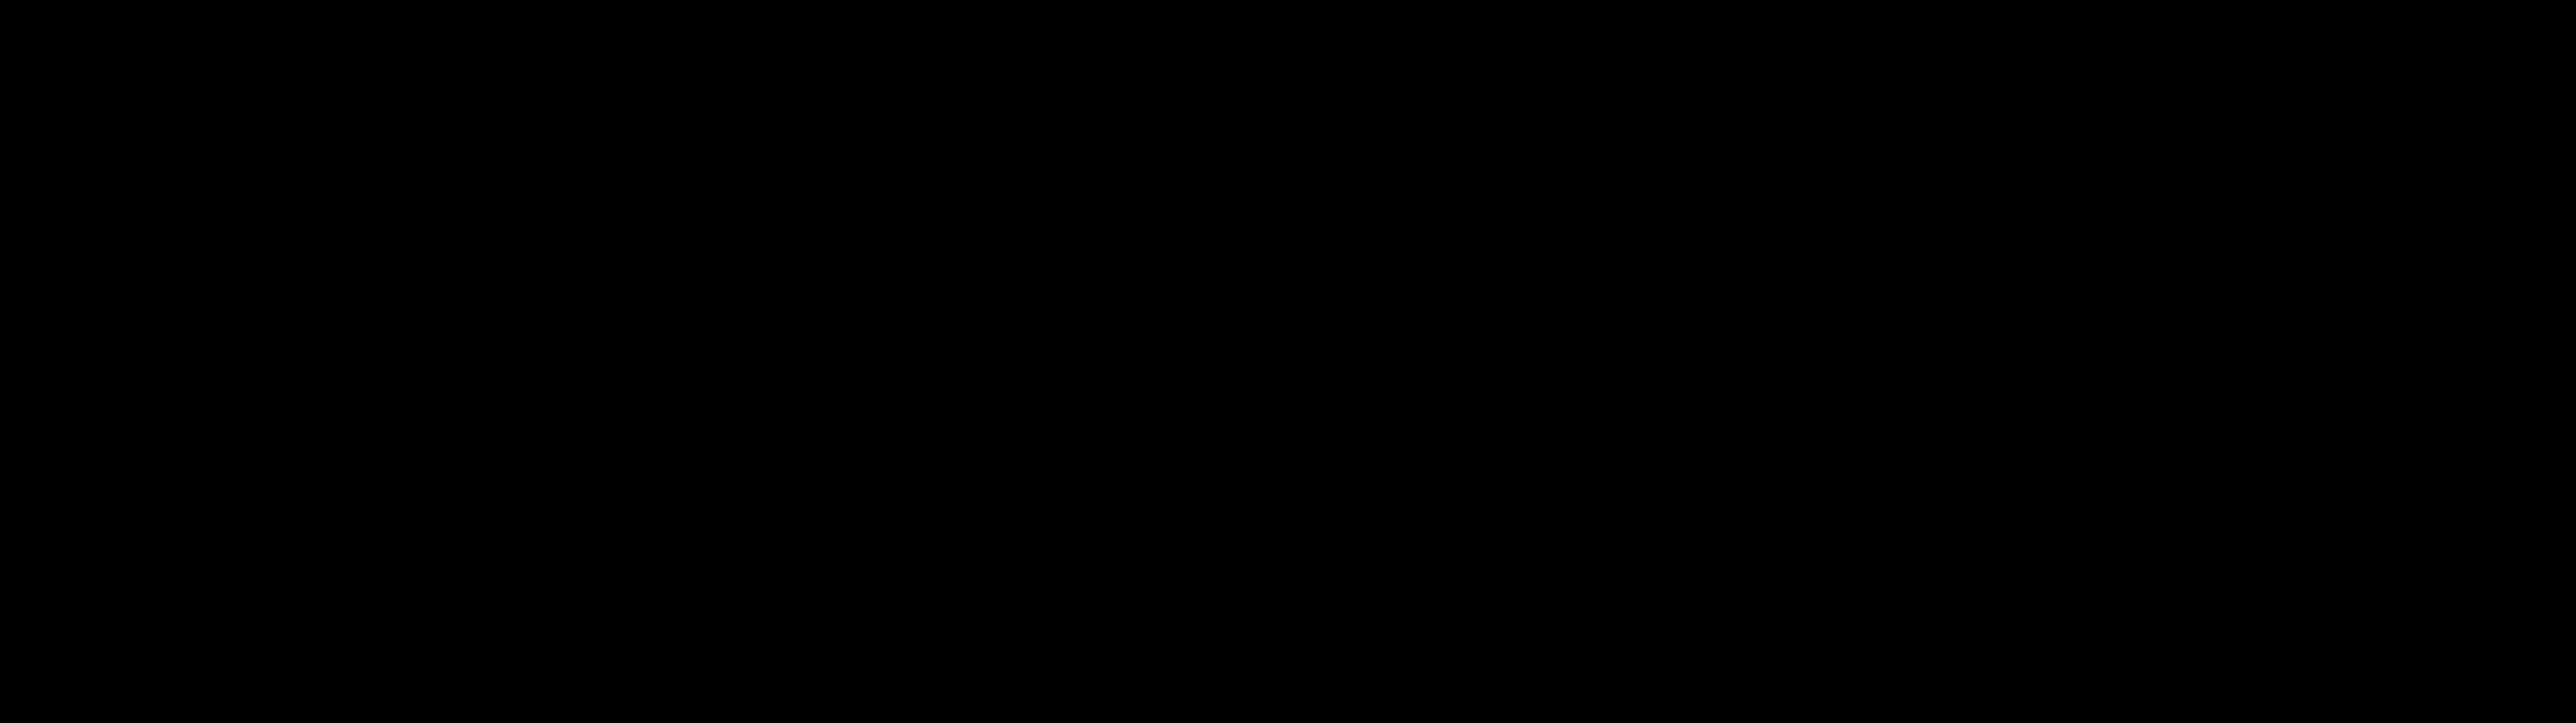 Symbol,Rim,Line